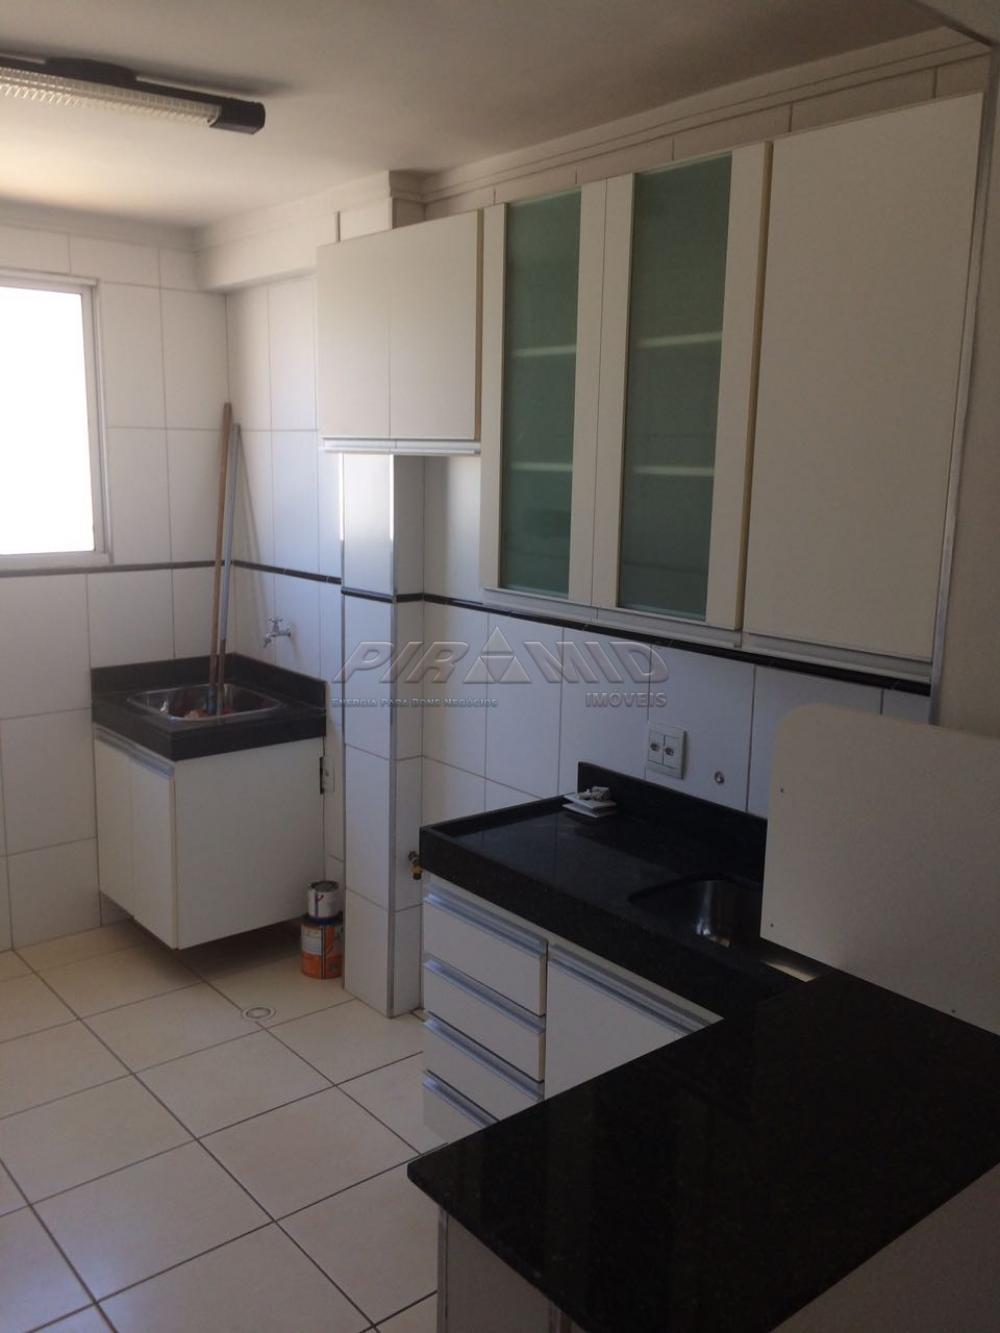 Comprar Apartamento / Cobertura em Ribeirão Preto apenas R$ 265.000,00 - Foto 3